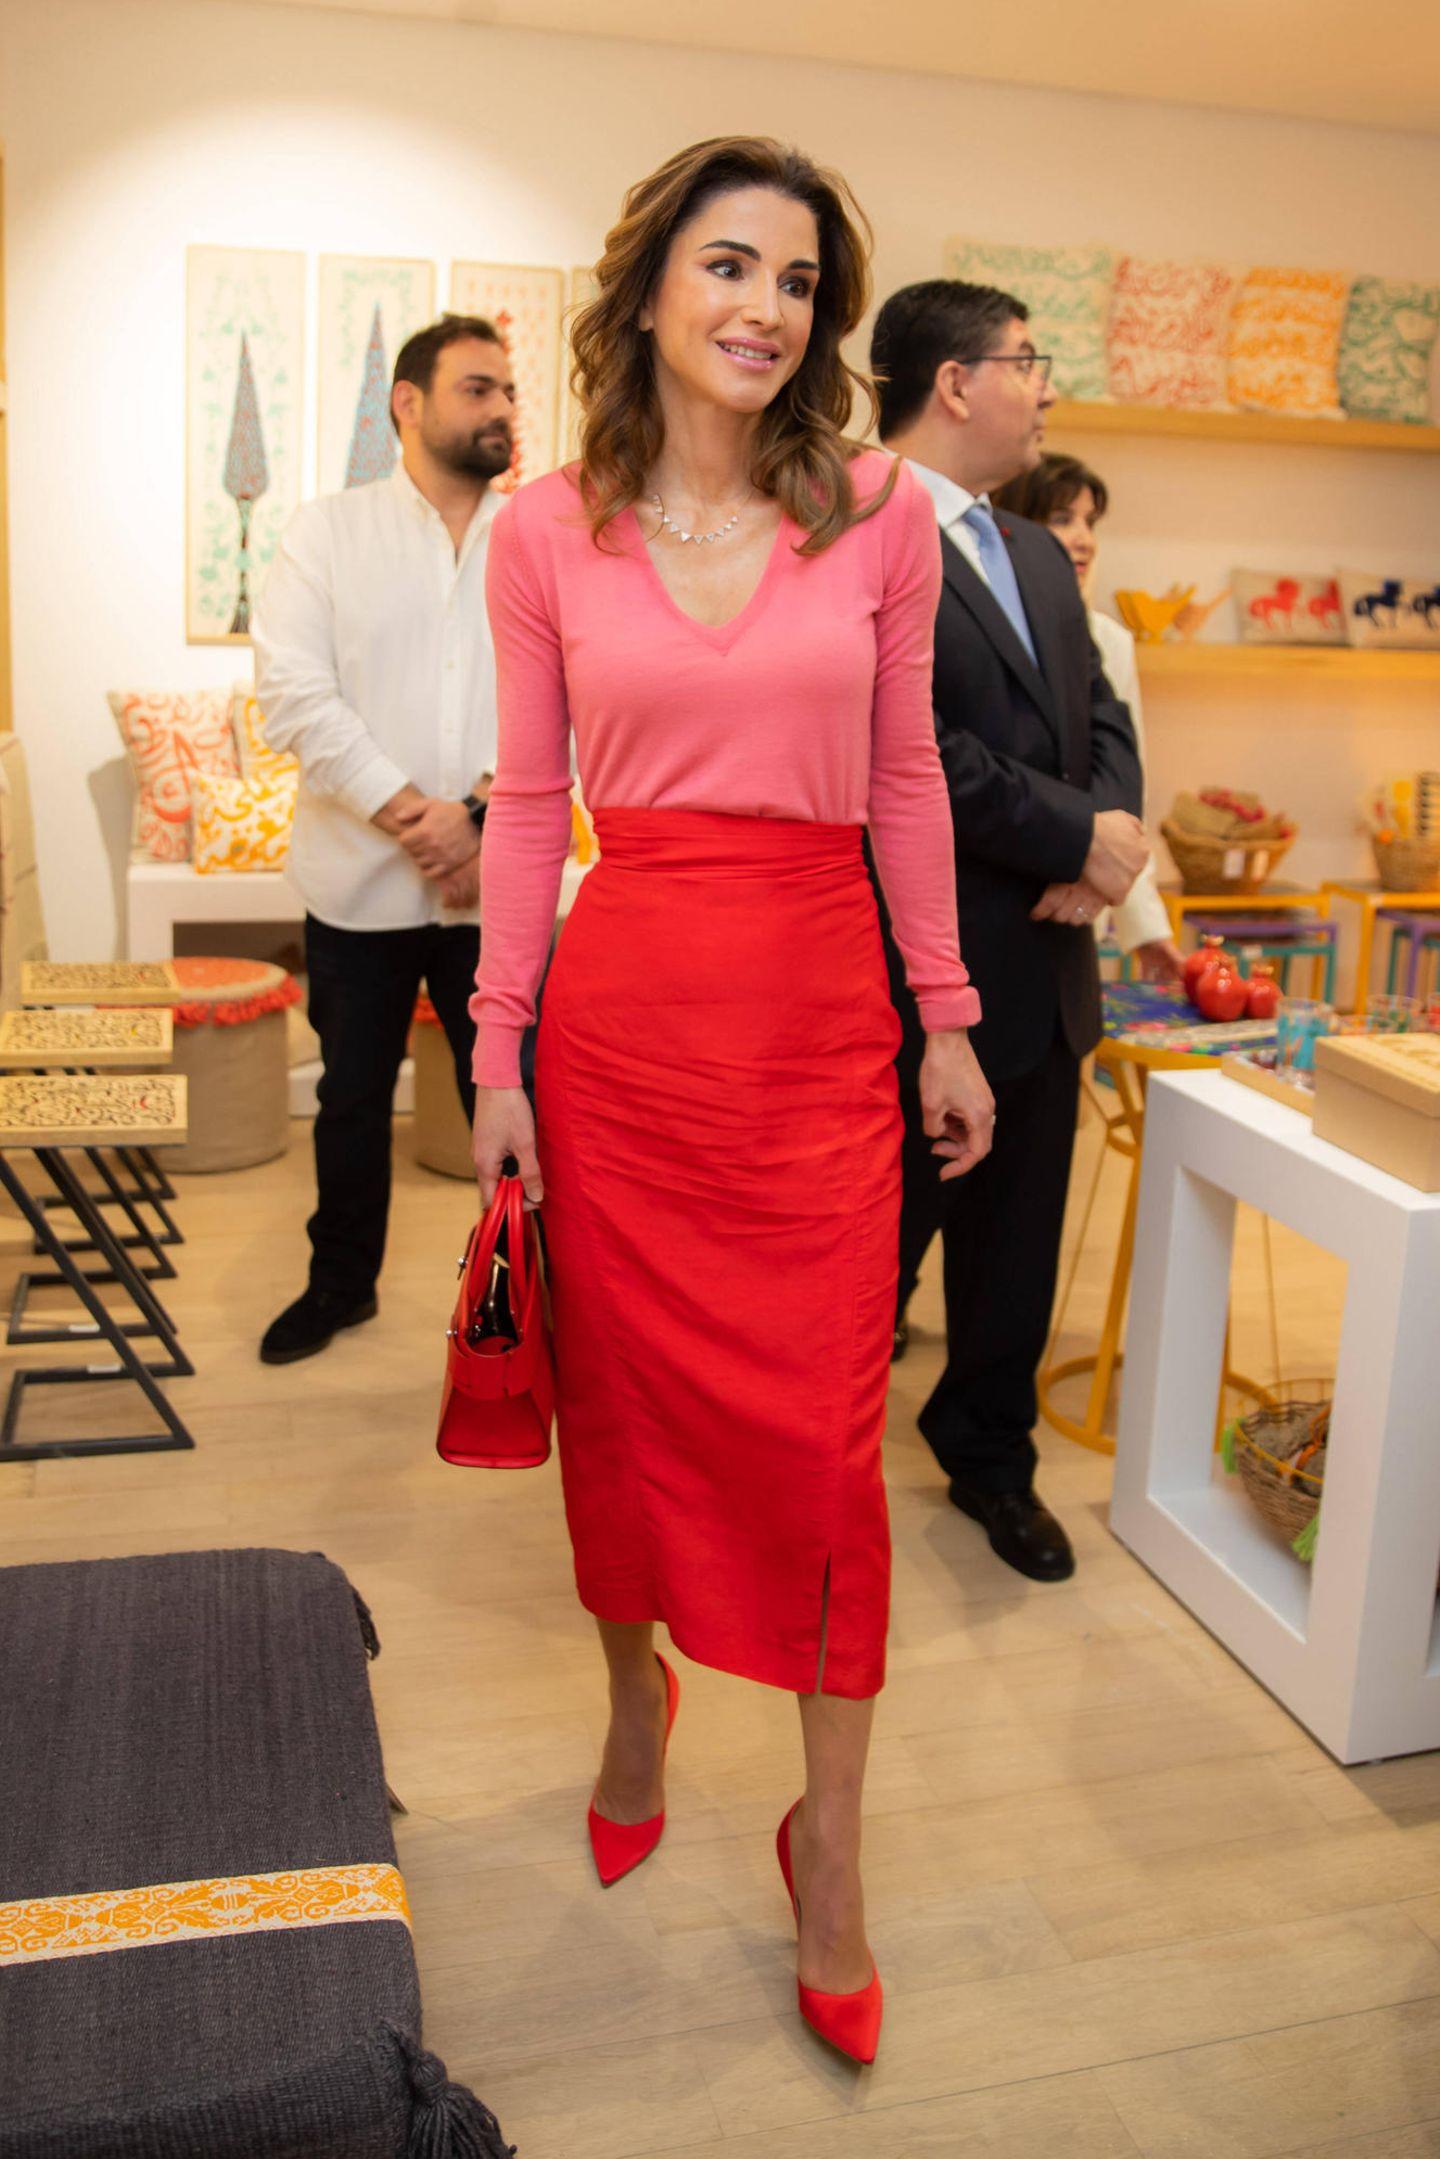 Königin Rania von Jordanien ist nicht nur eine Fashionista, sie hat ganz offensichtlich auch Mut zur Farbe. Die Kombination aus rotem Bleistiftrock und zartem V-Neck-Pullover in Rosé ist ein toller Hingucker und steht ihr perfekt.